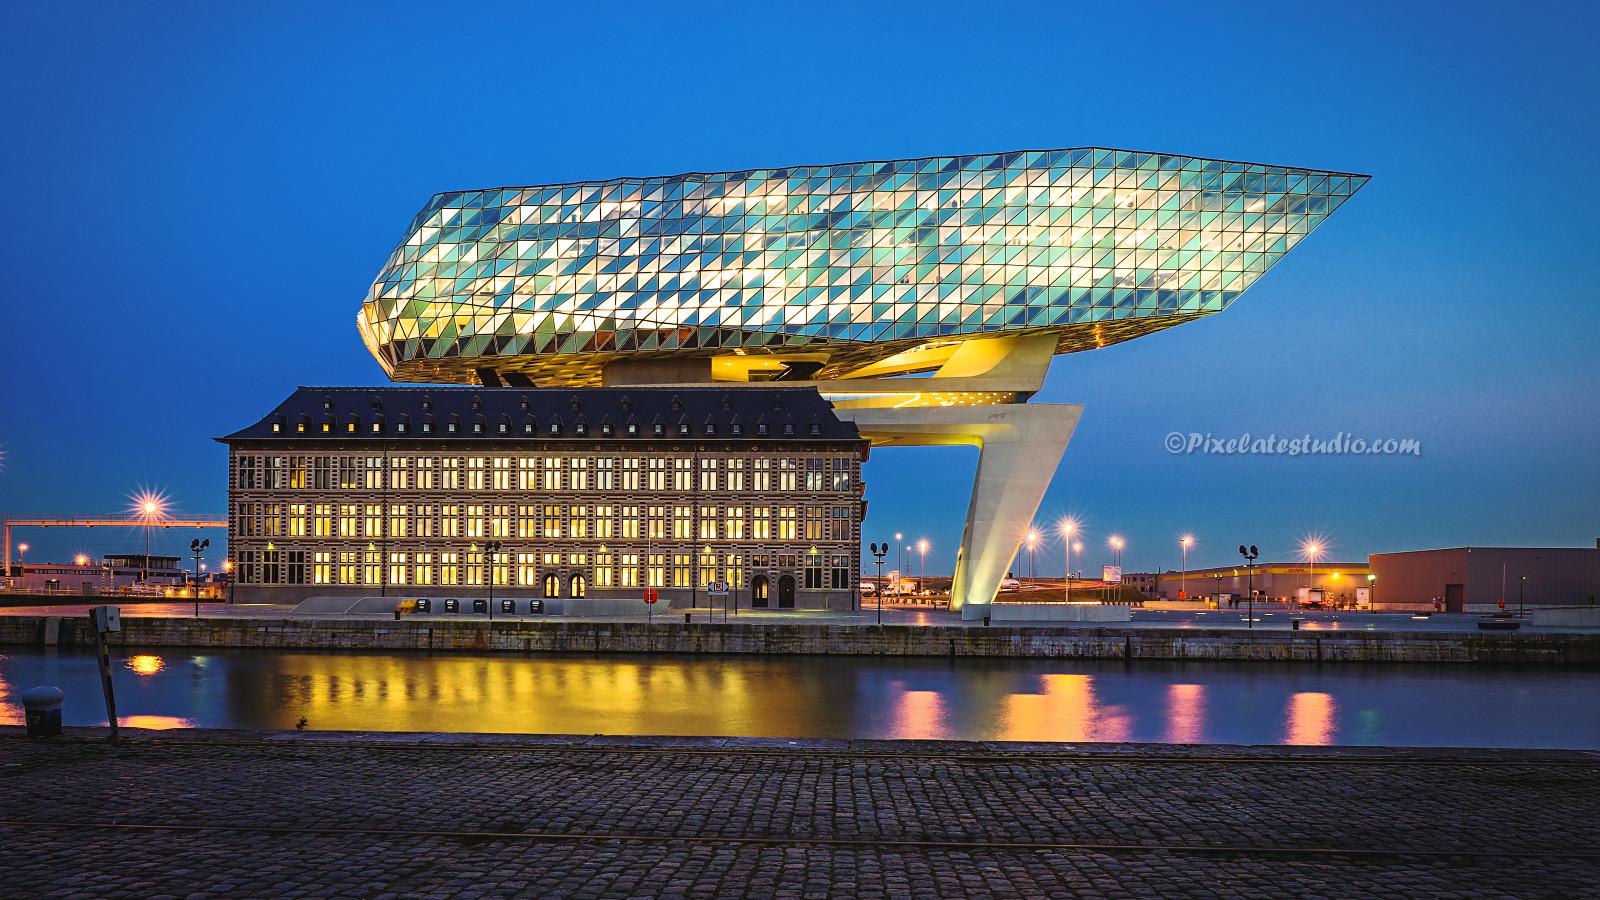 mooie foto van het Havenhuis te Antwerpen